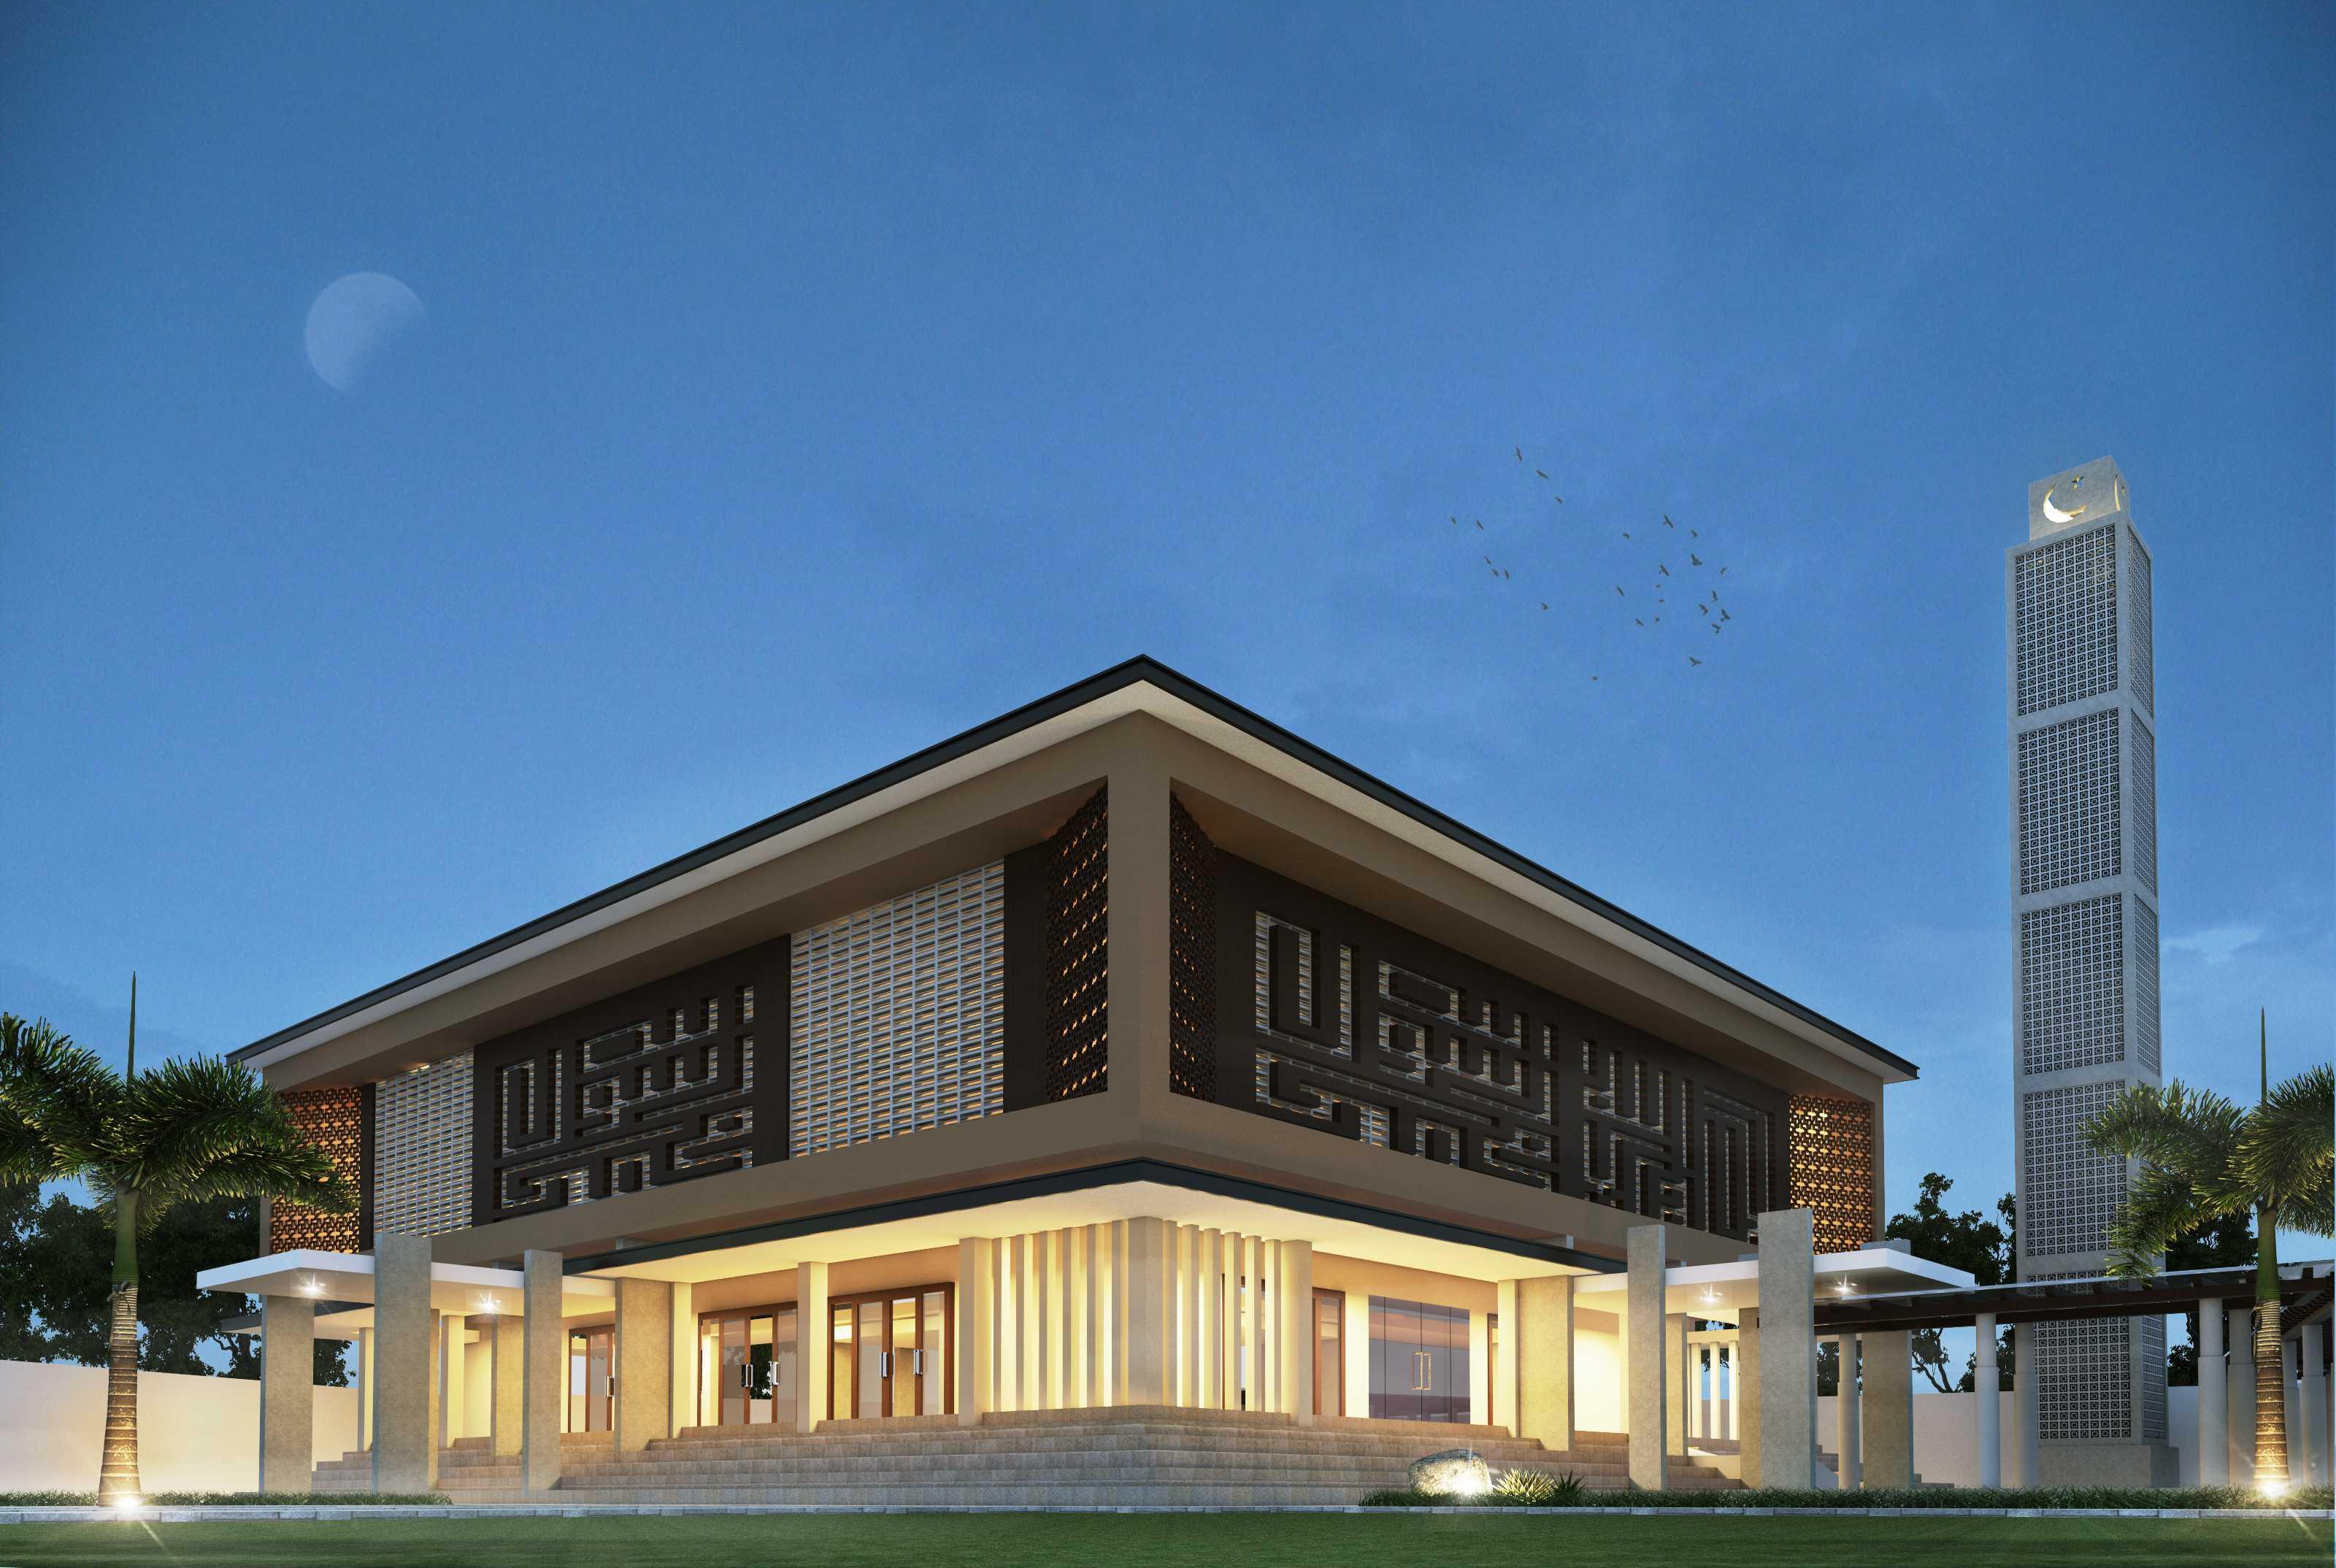 Arsatama Architect Pcnu Office  - Cilacap Cilacap, Central Java Cilacap, Central Java Masjid-Pcnucilacap   27047